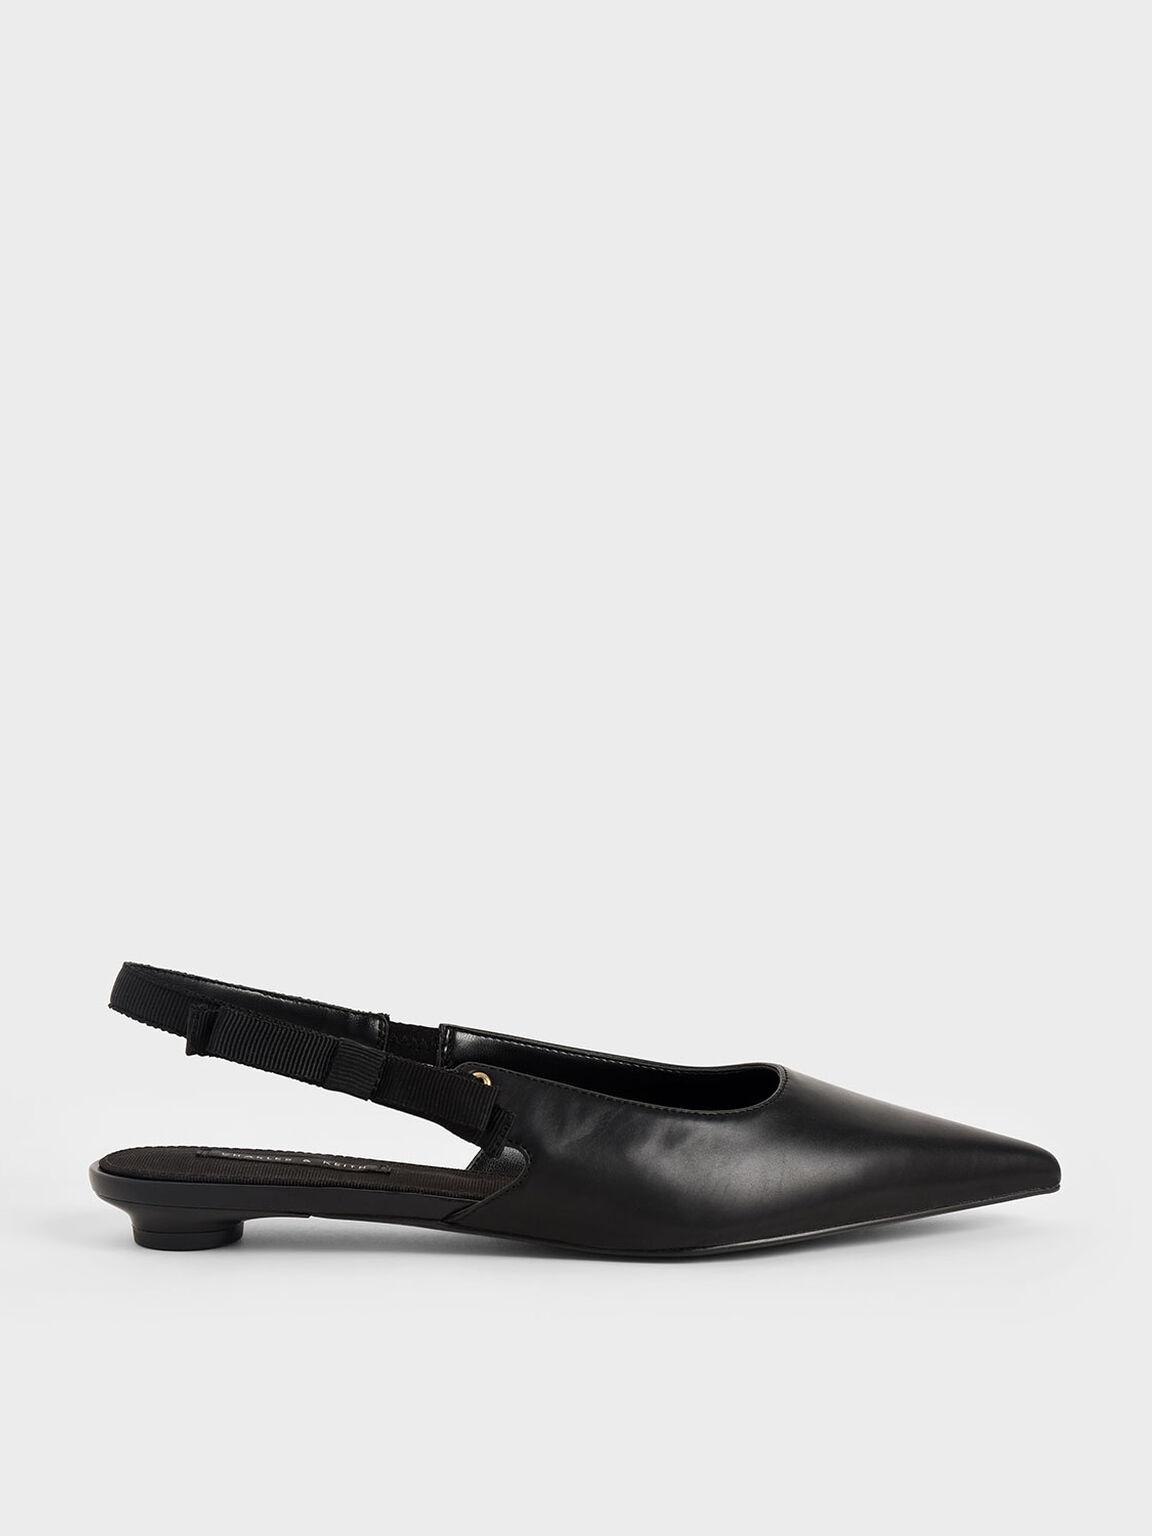 側蝴蝶結尖頭鞋, 黑色, hi-res